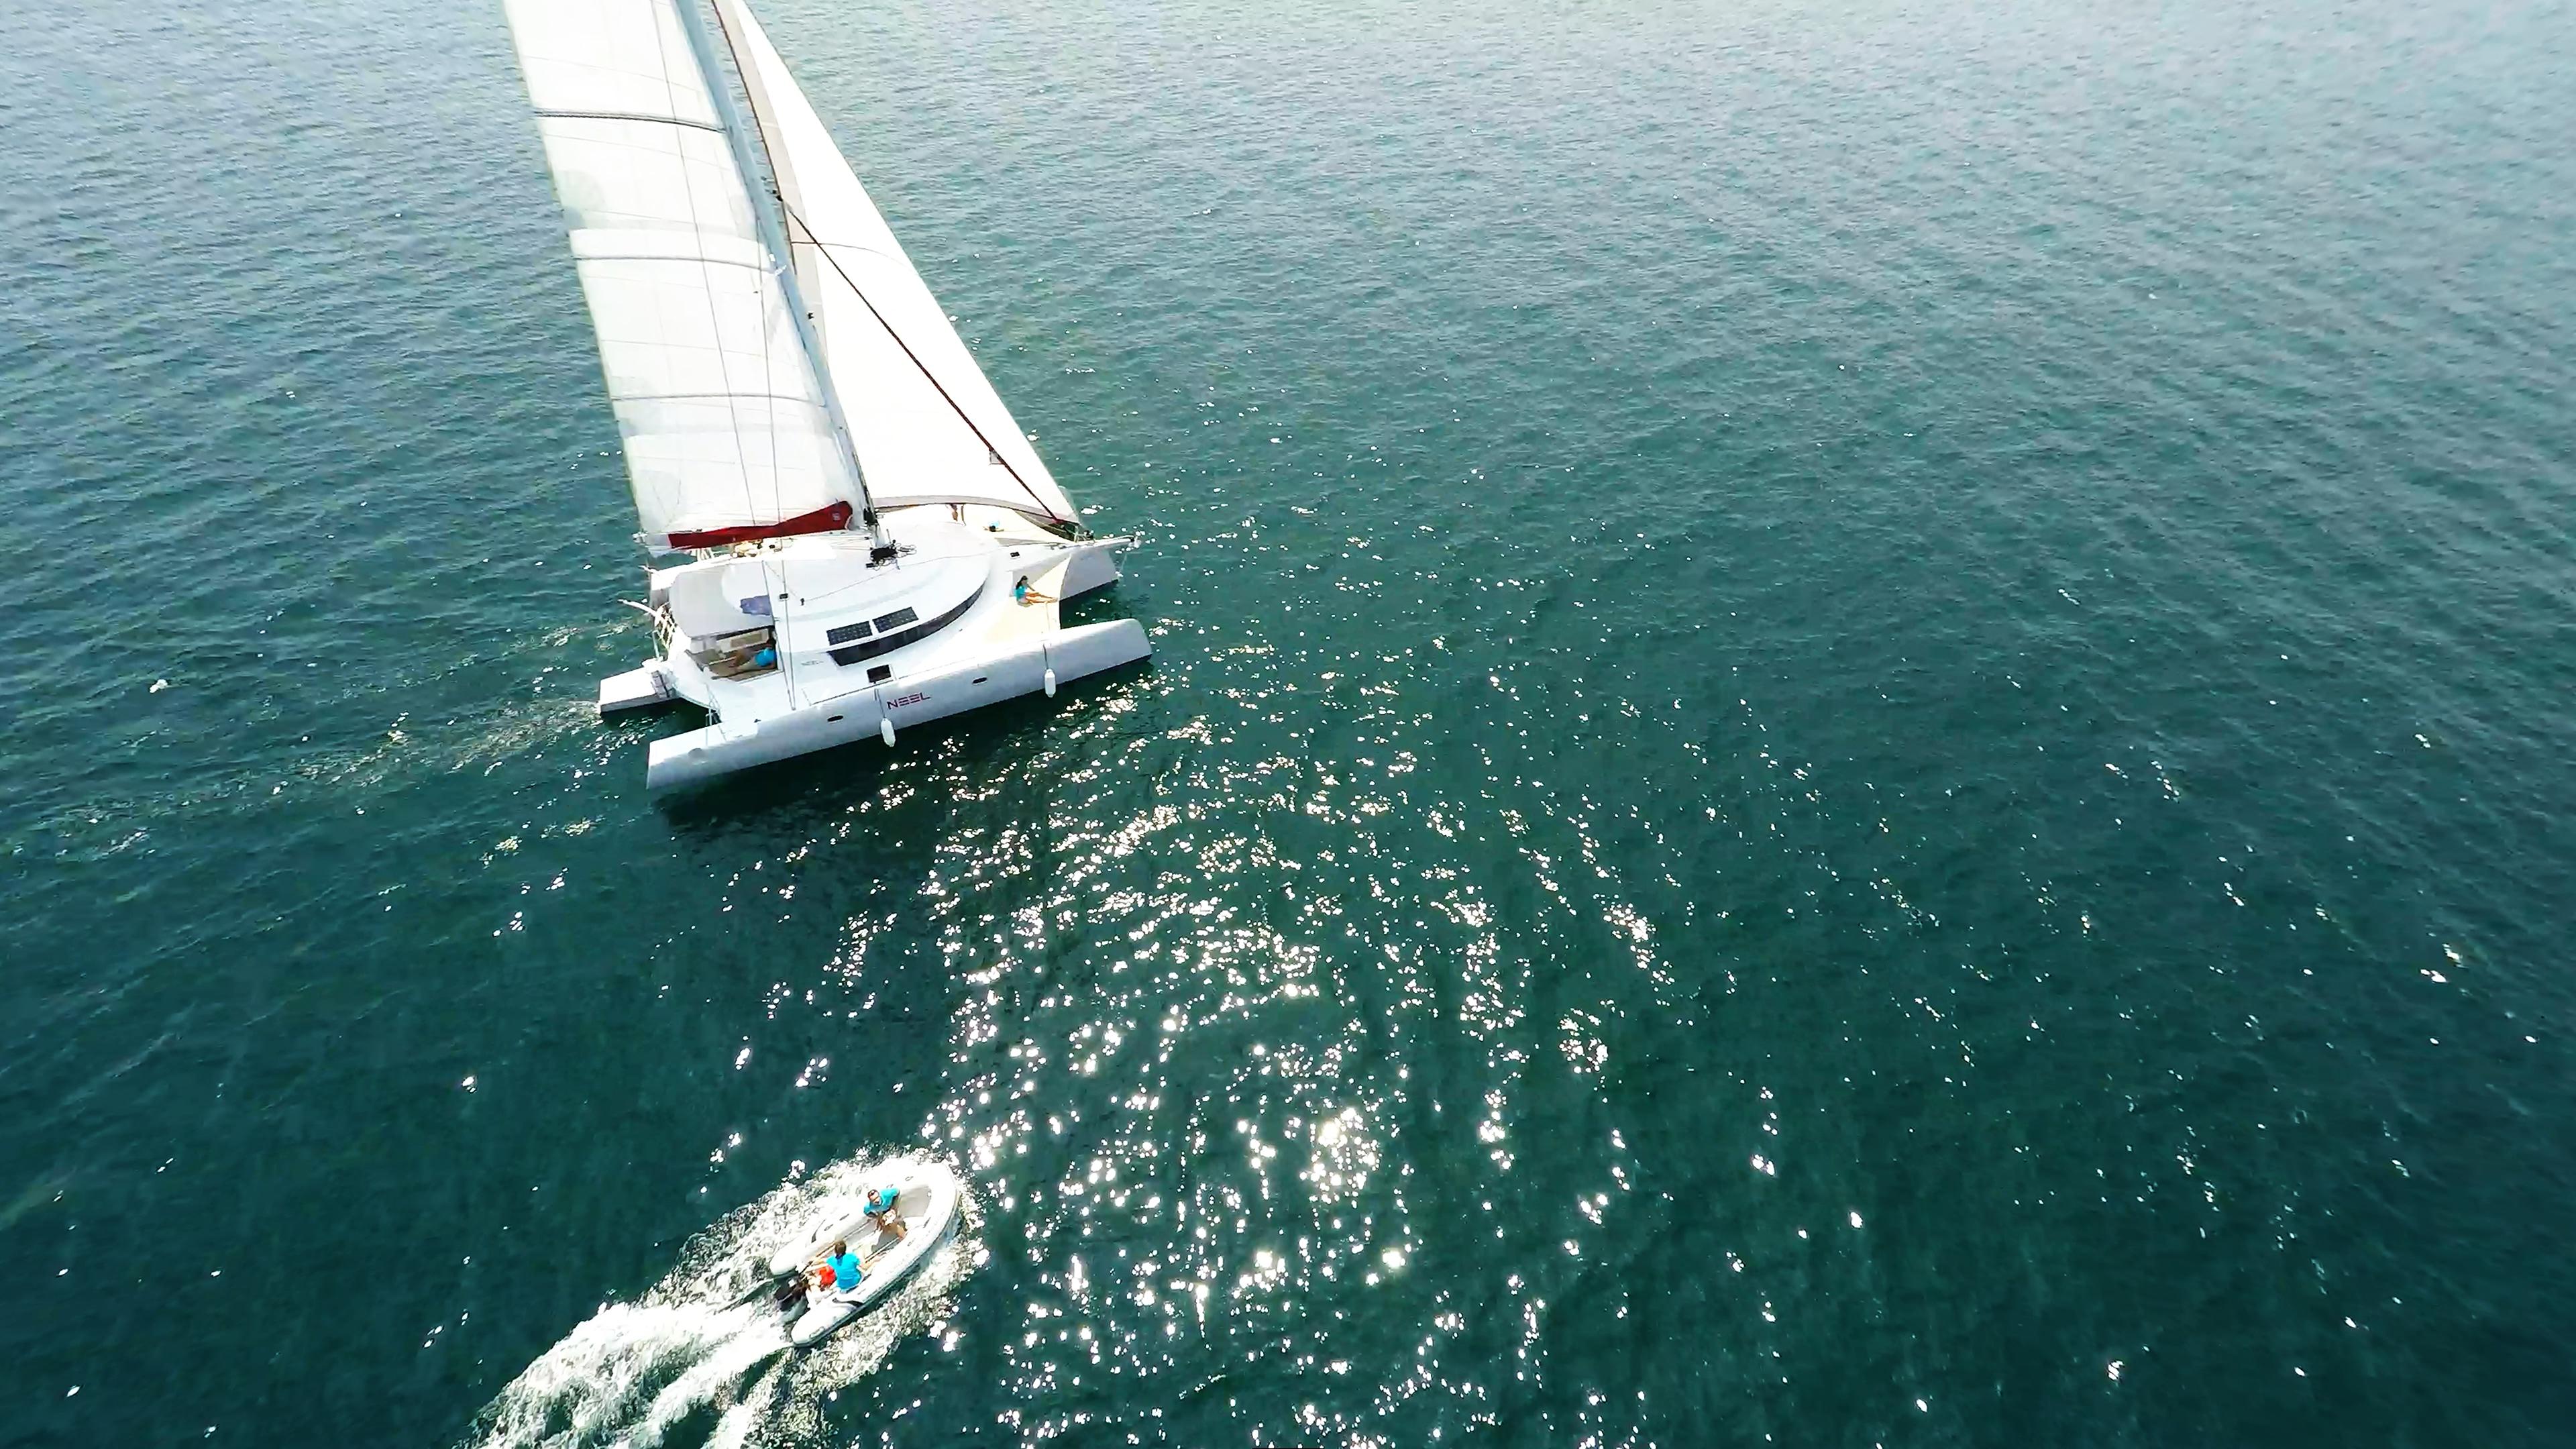 multiscafo yacht trimarano con gommone tender imbarcazione aerea